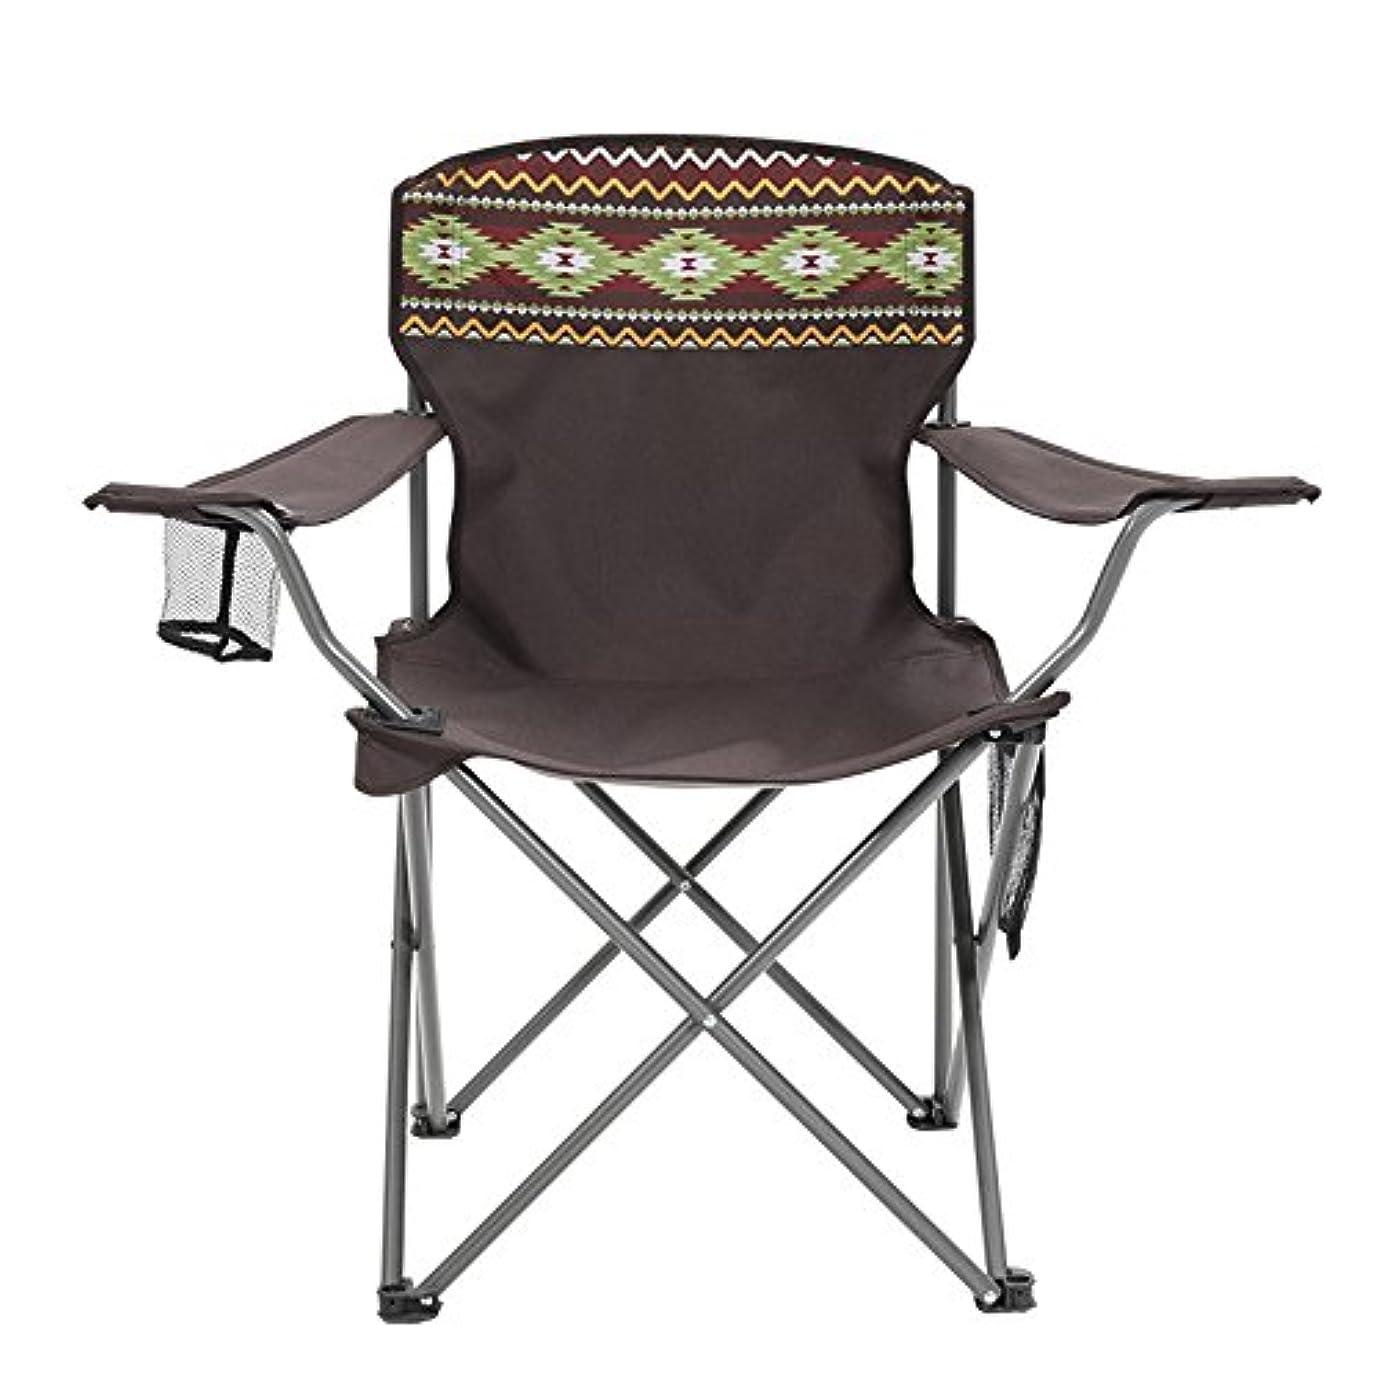 言うまでもなく承知しました密輸KTYXDE 屋外折り畳み椅子ポータブルミニ釣りビーチチェアシンプルなスツール 折りたたみ椅子